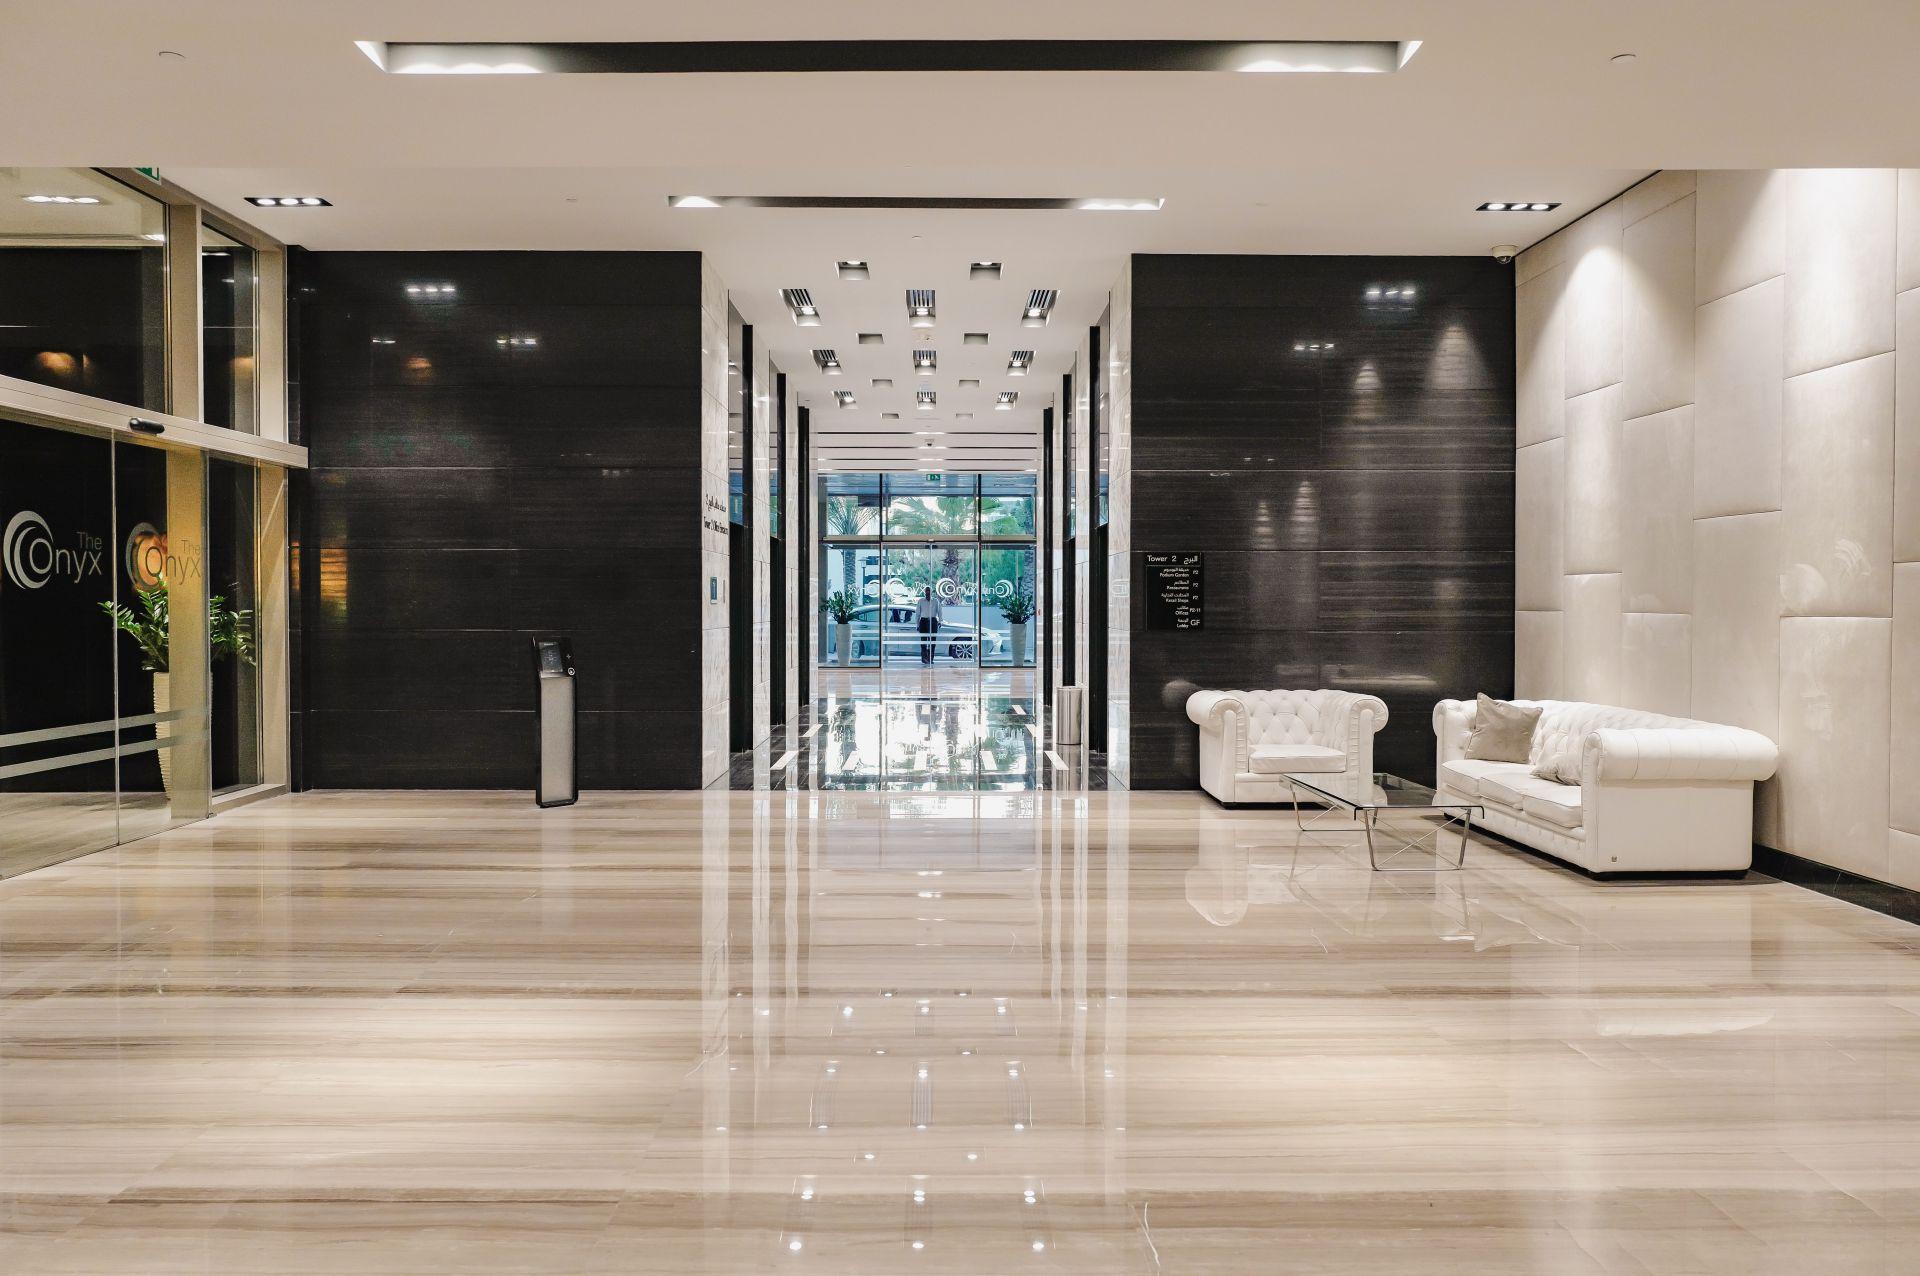 Sentro Business Centre, Dubai